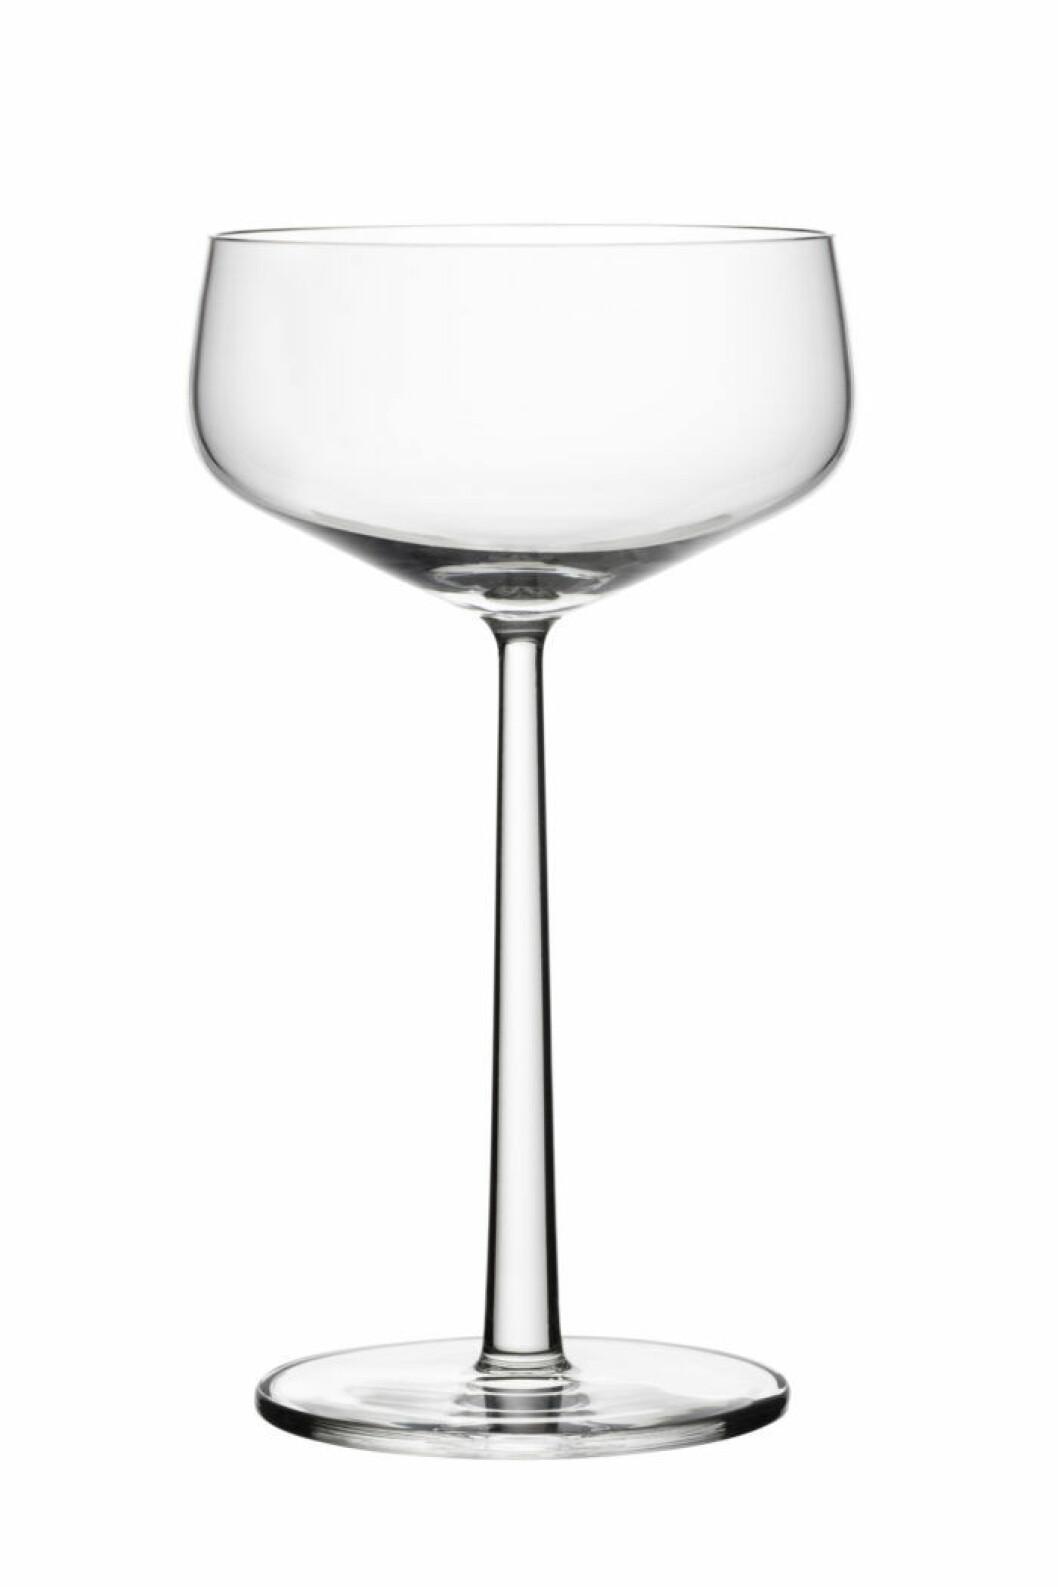 Cocktailglasen dessert/champagneskål 31 cl från Iittalas serie Essence passar fint både som drink-och efterrättsglas.